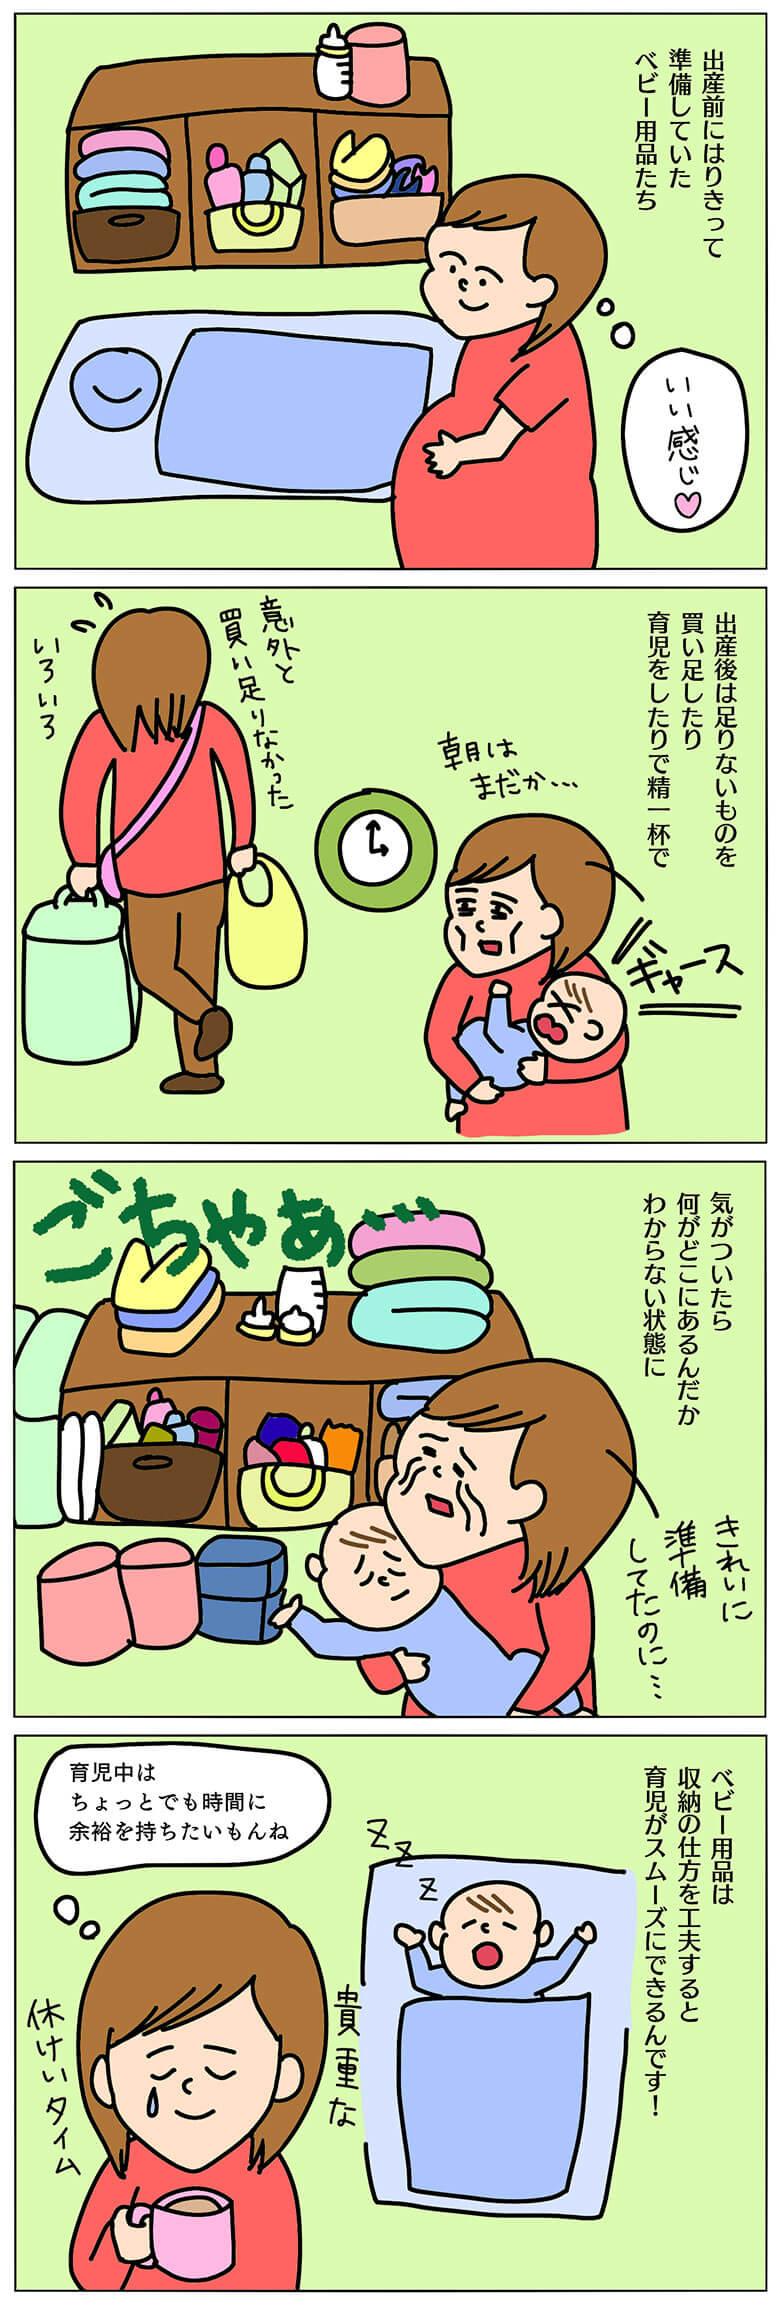 ベビー用品収納の4コマ漫画